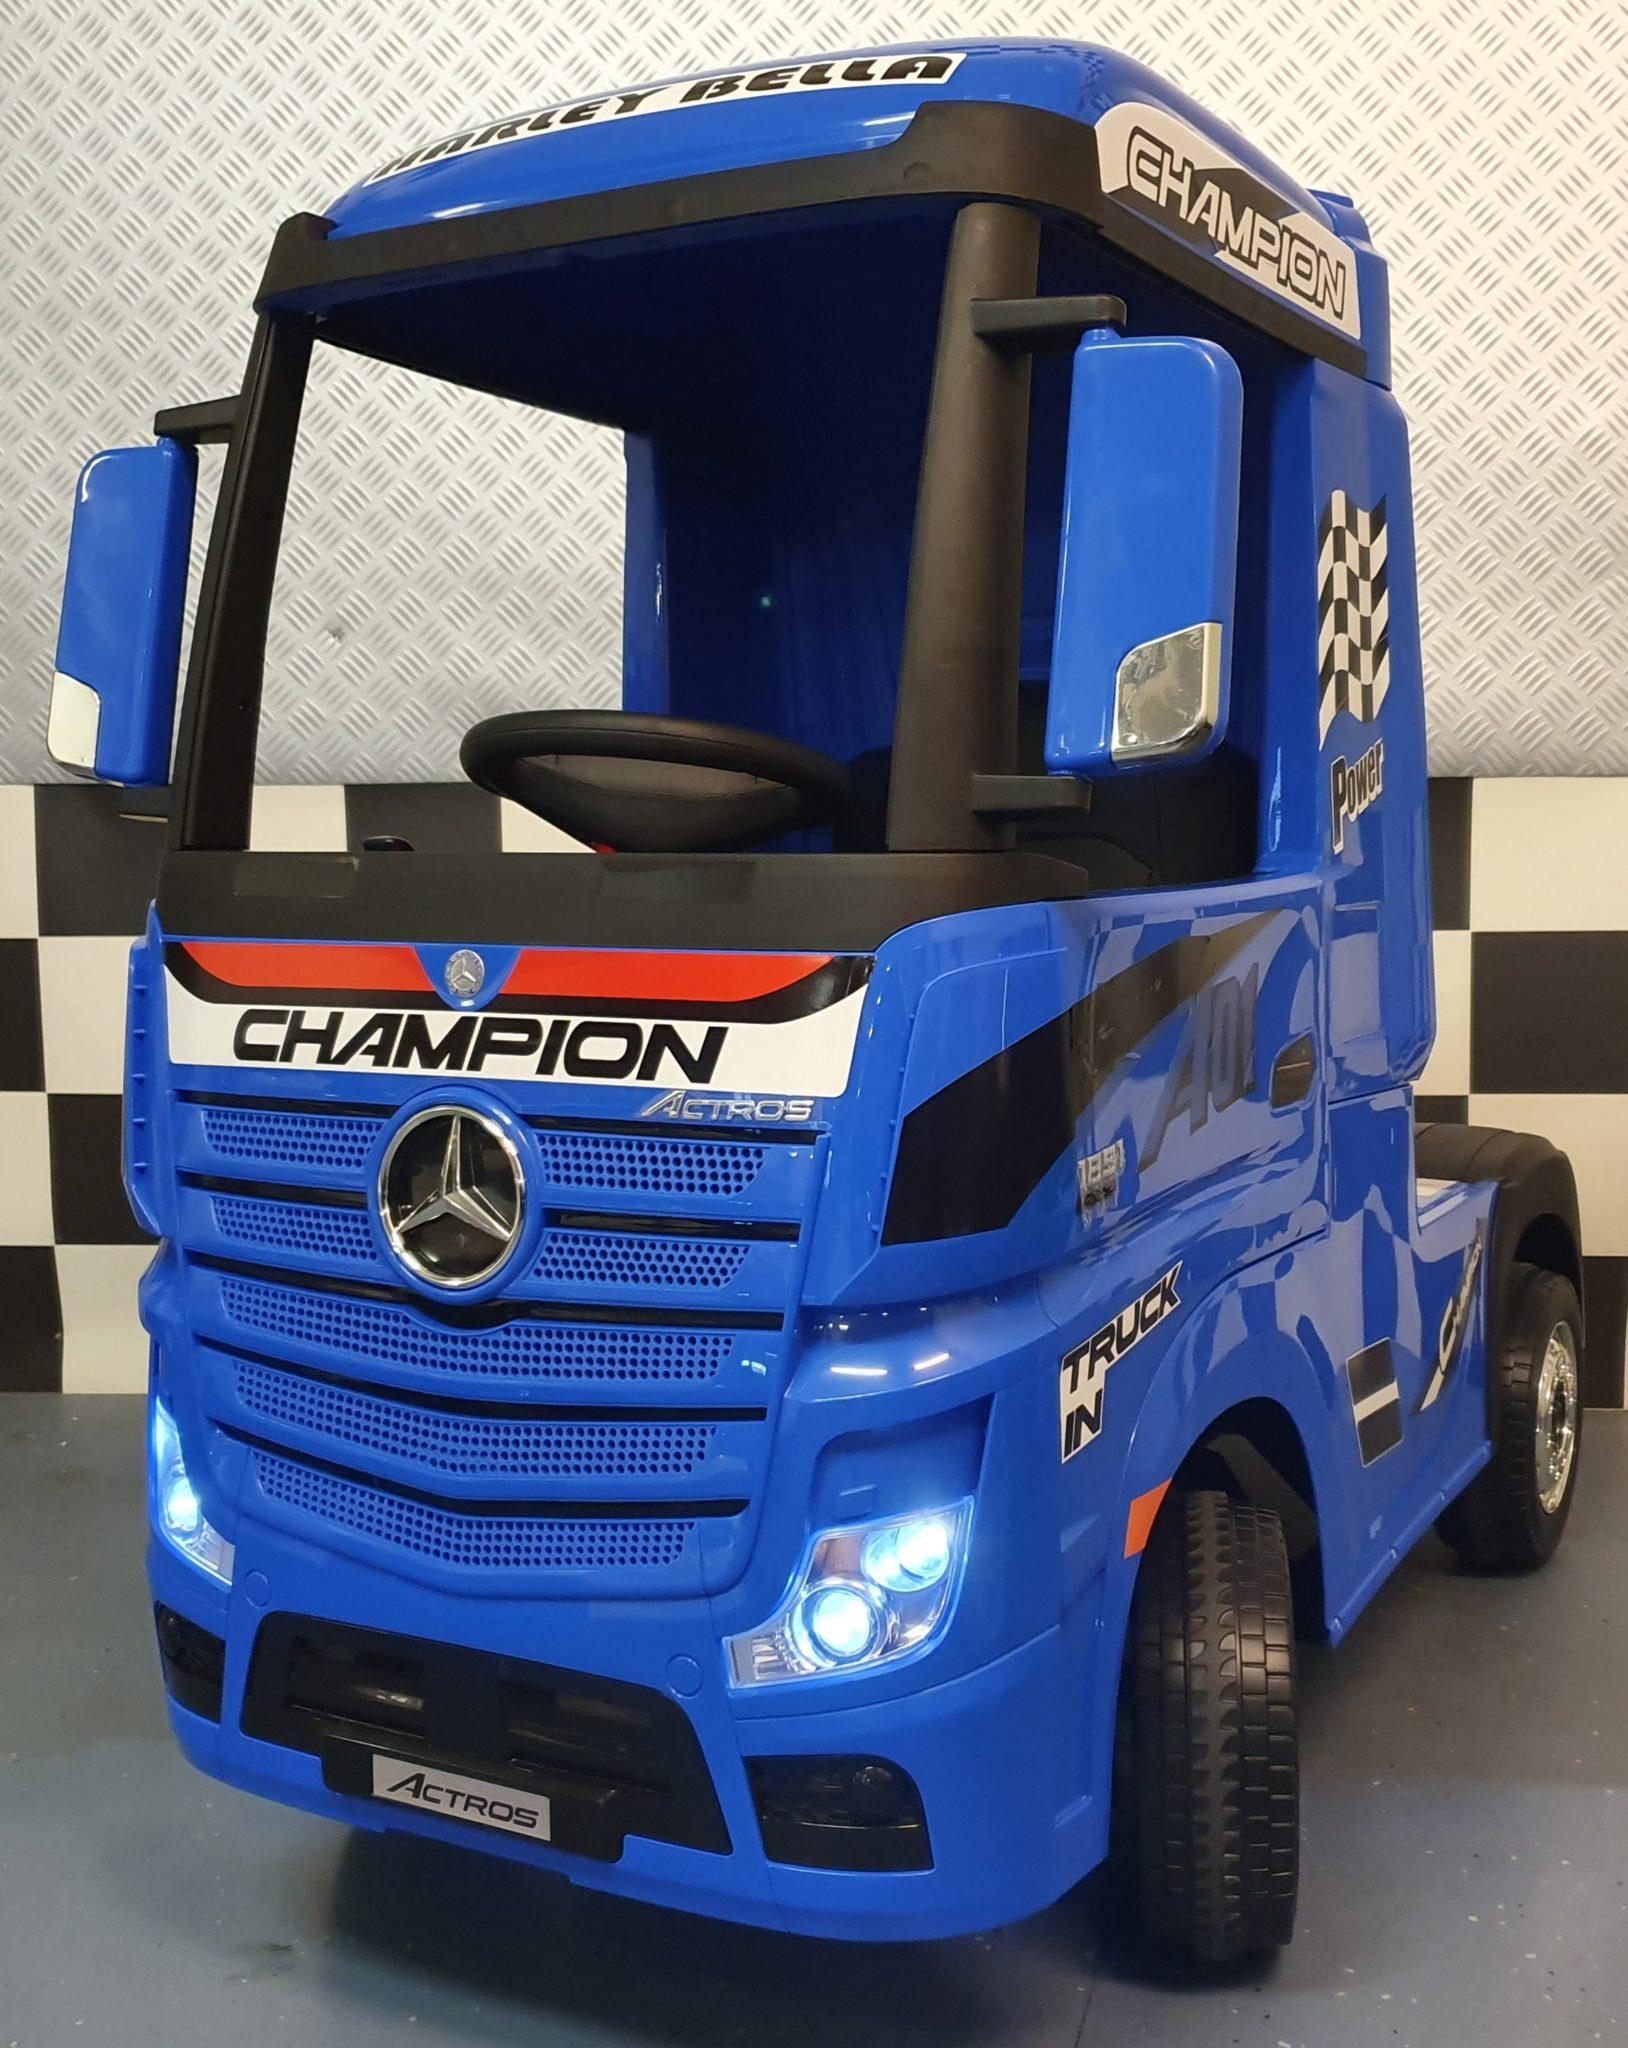 Elektrische kinder vrachtauto Mercedes truck Actros met afstandbediening blauw